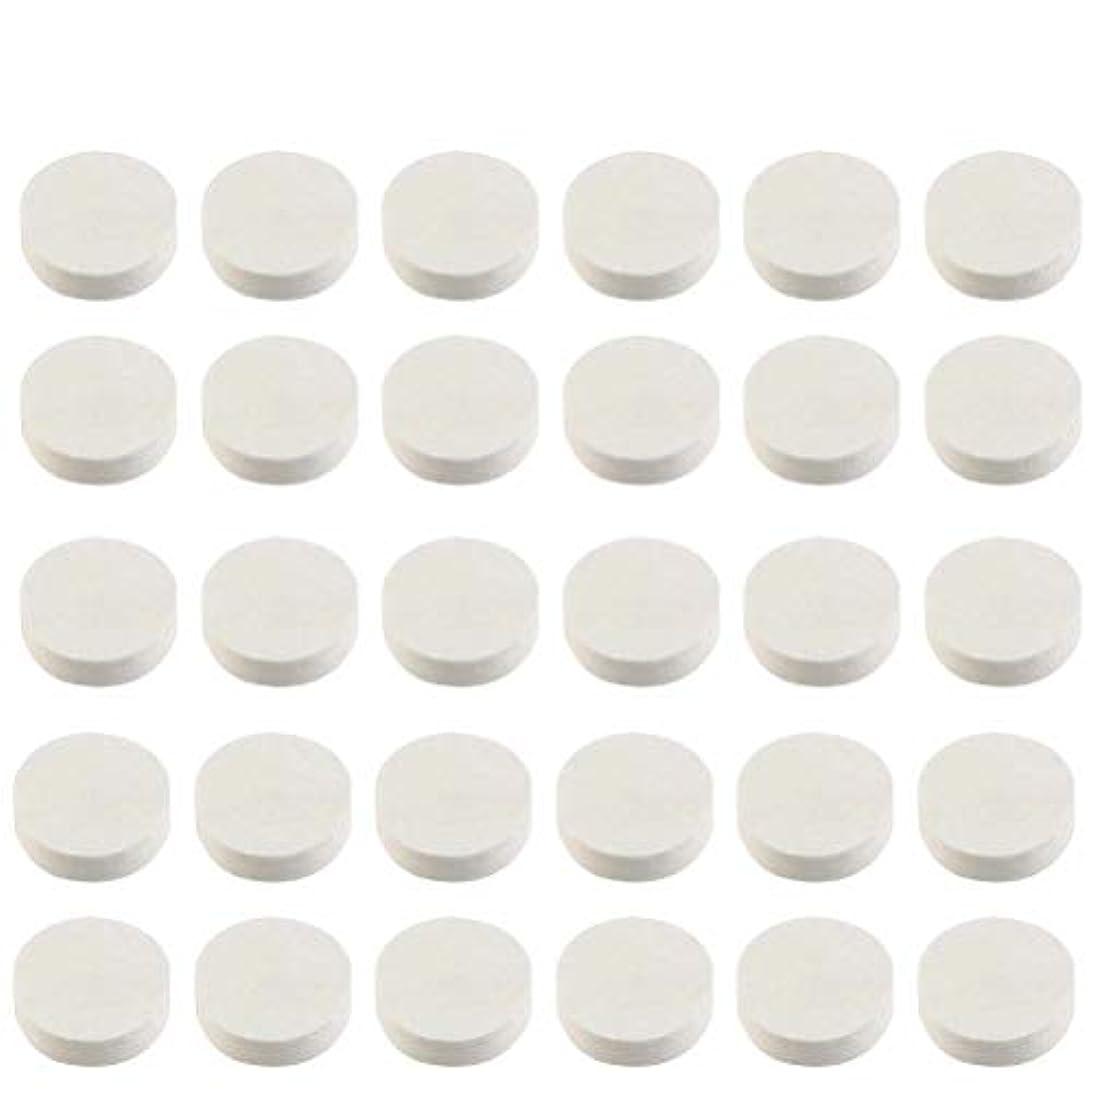 見せますうがい列挙するWINOMO 圧縮マスク 圧縮フェイスパック 圧縮マスクシート スキンケア DIY美容マスク ランダムカラー 30枚入り 携帯便利 使い捨て